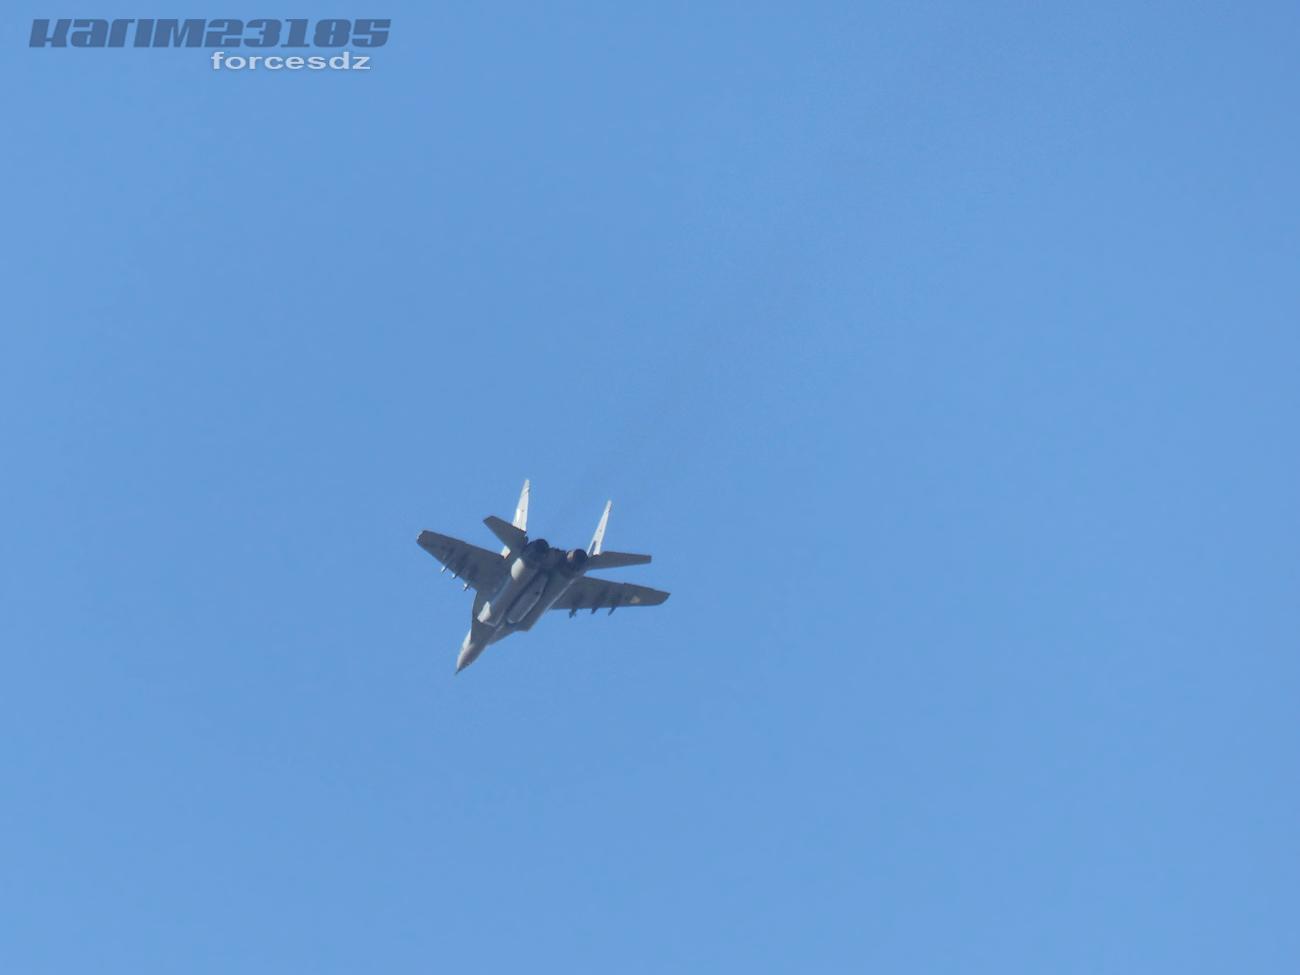 صور طائرات القوات الجوية الجزائرية  [ MIG-29S/UB / Fulcrum ] 7